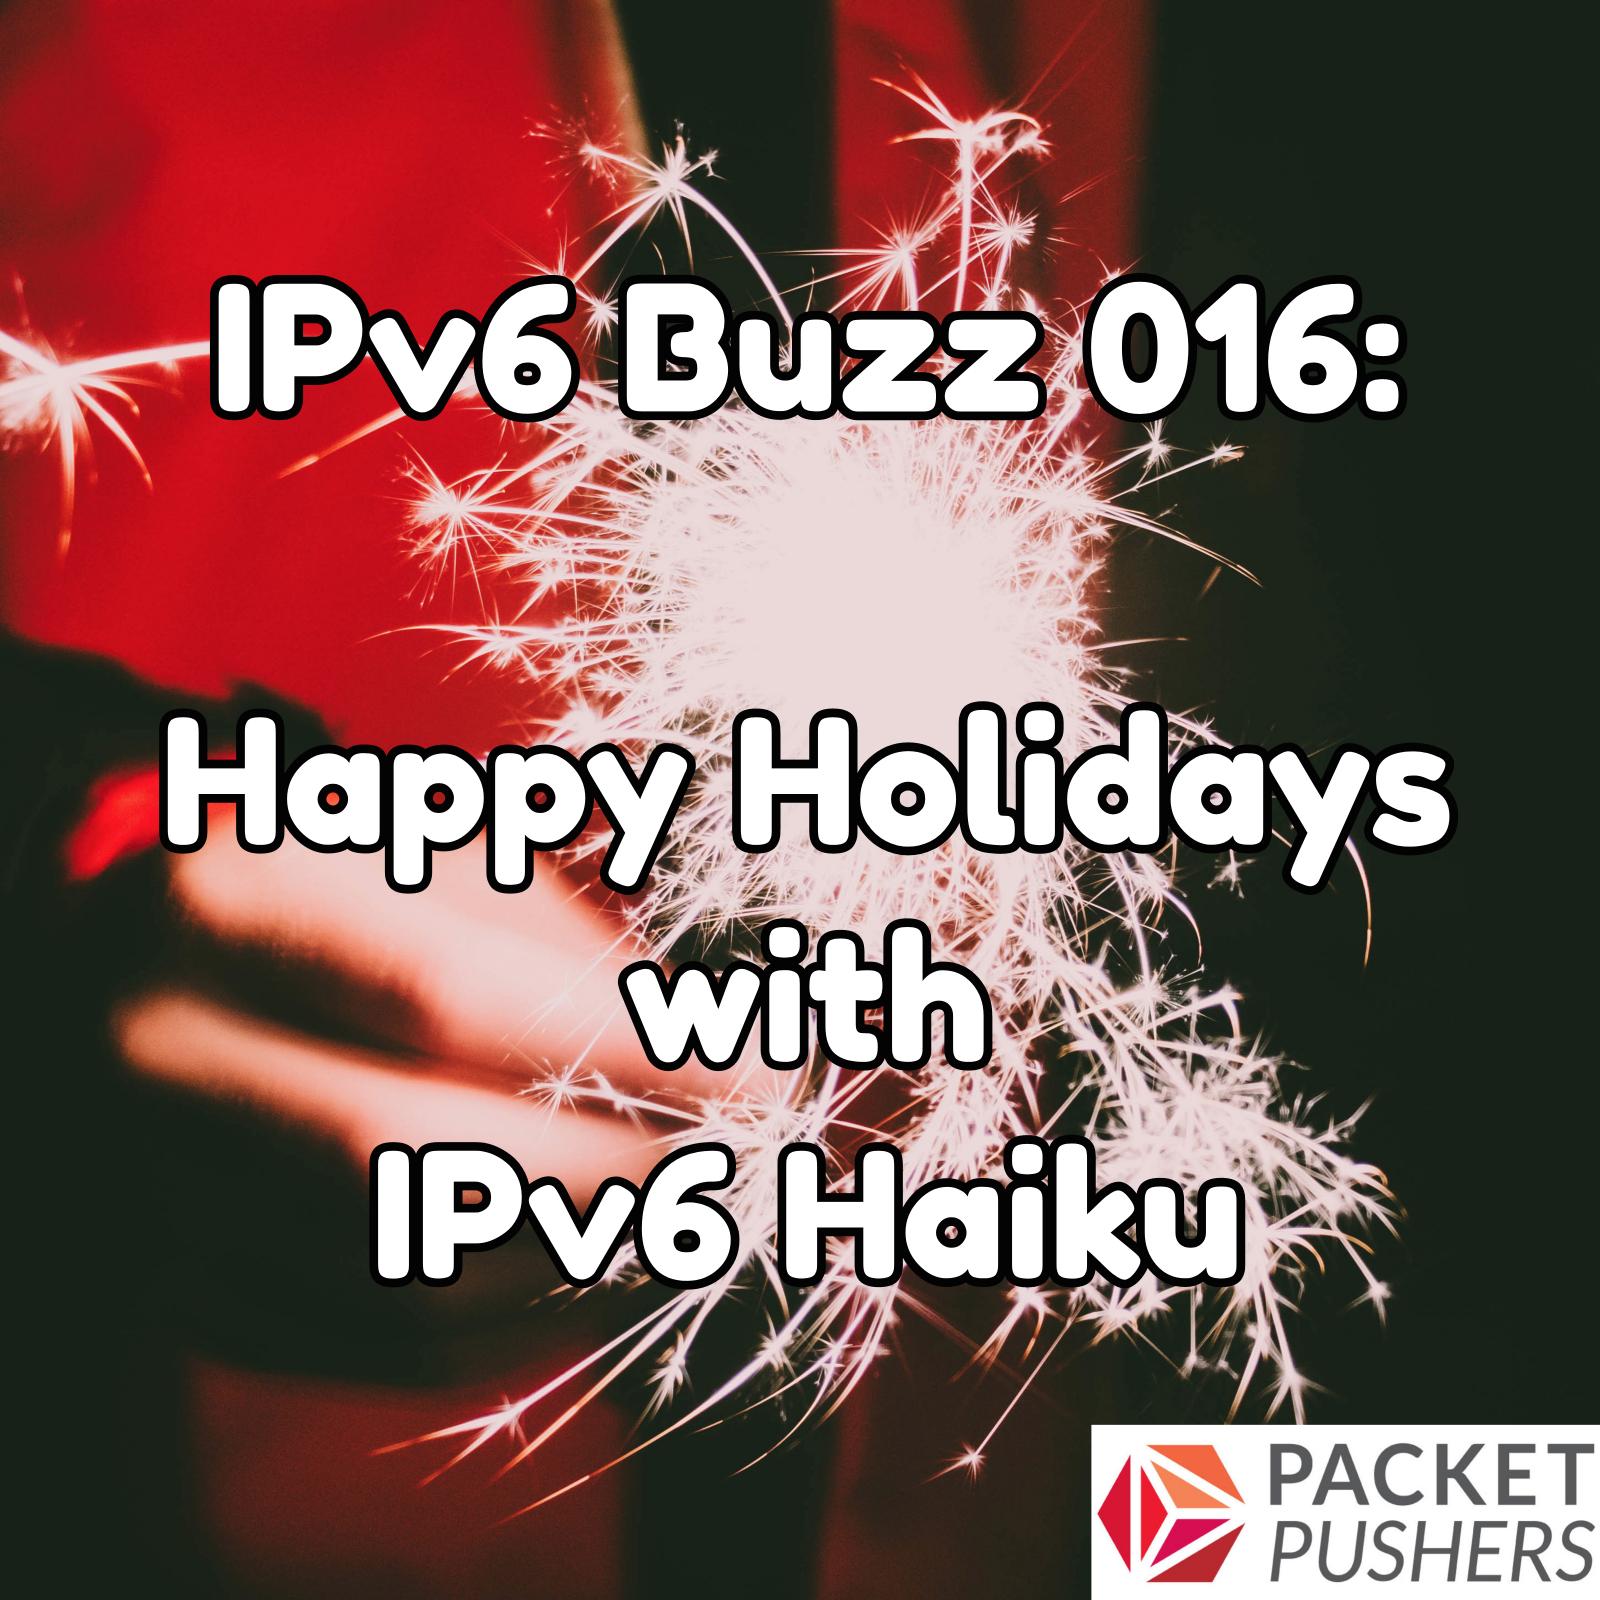 Happy Holidays With IPv6 Haiku